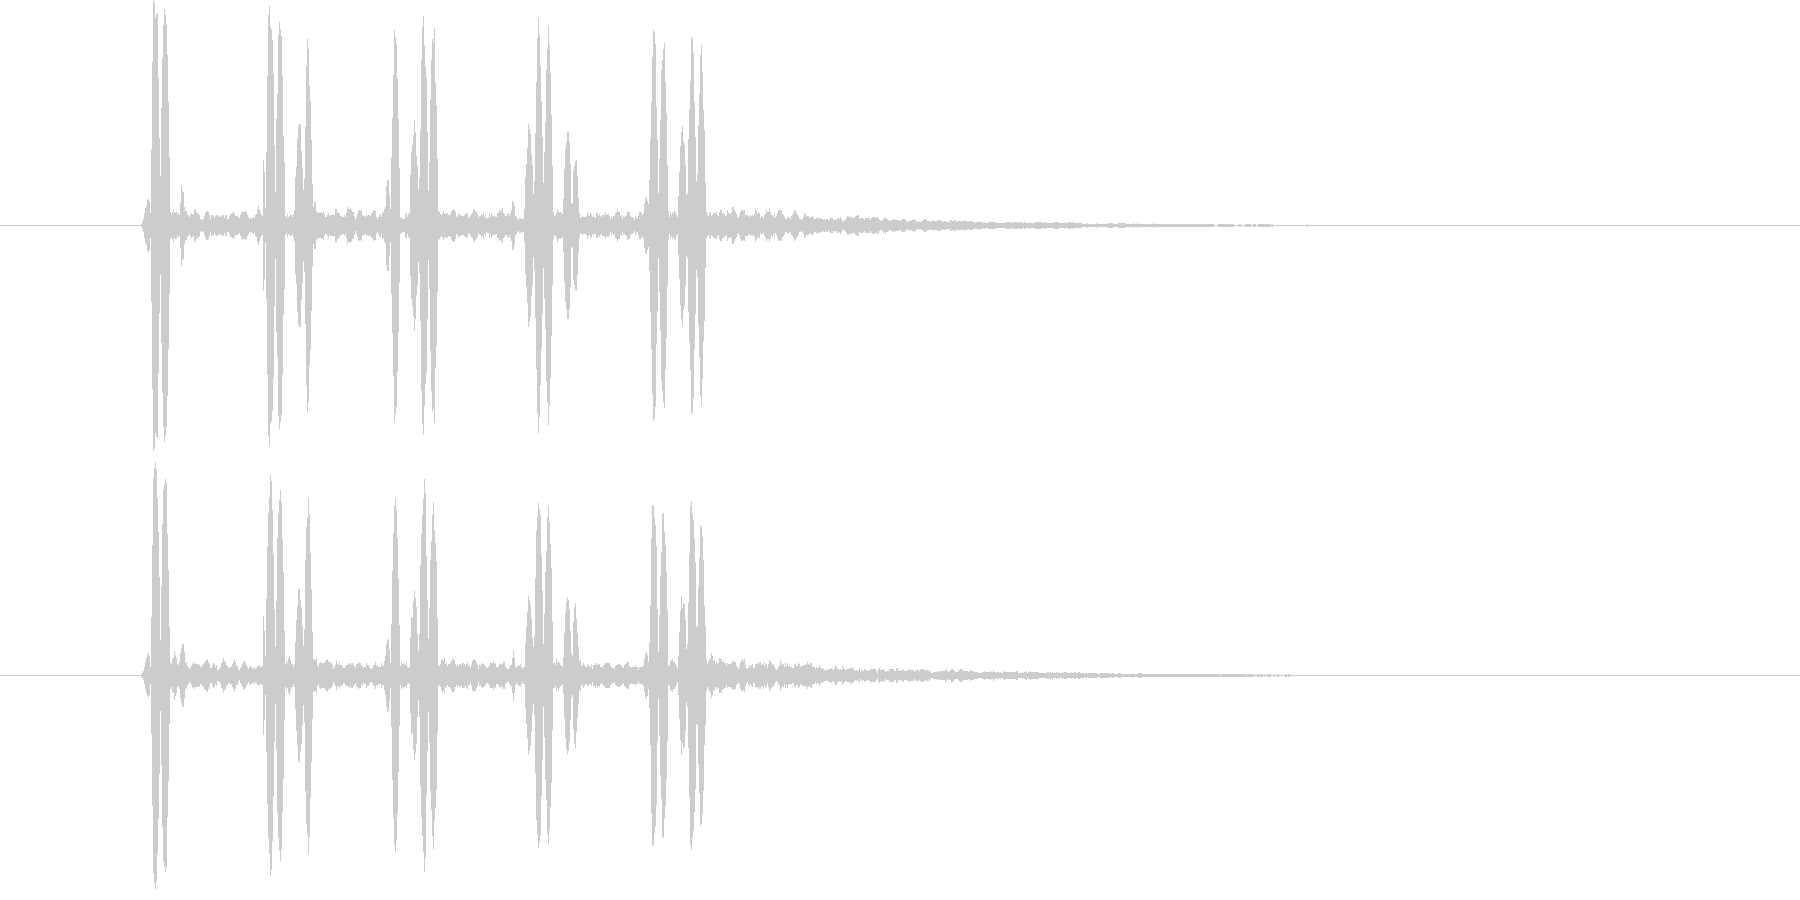 近未来SFボタン音ビープ音クリック音の未再生の波形